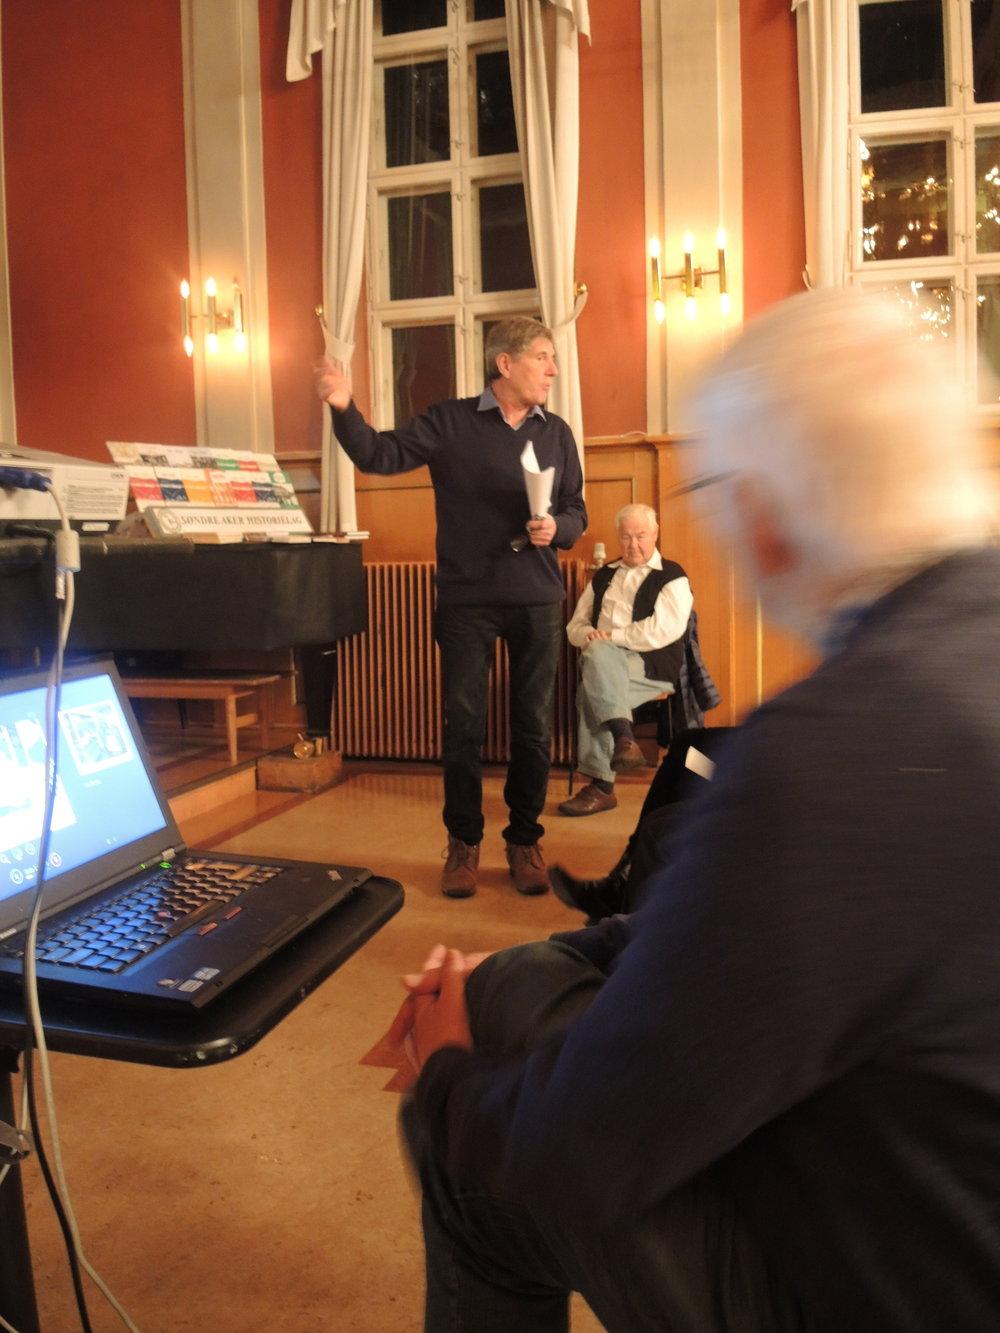 Prof. emeritus i økonomisk historie, Lars Thue, kåserte om veien fra mange tusen dagligvarebutikker til tre dagligvarekjeder. Her foran et bilde av familien Johansson, kaffegrossisten som i dag eier Norgesgruppen, som kontrollerer 41 prosent av dagligvarehandelen i Norge. (foto: Ivar Sekne)